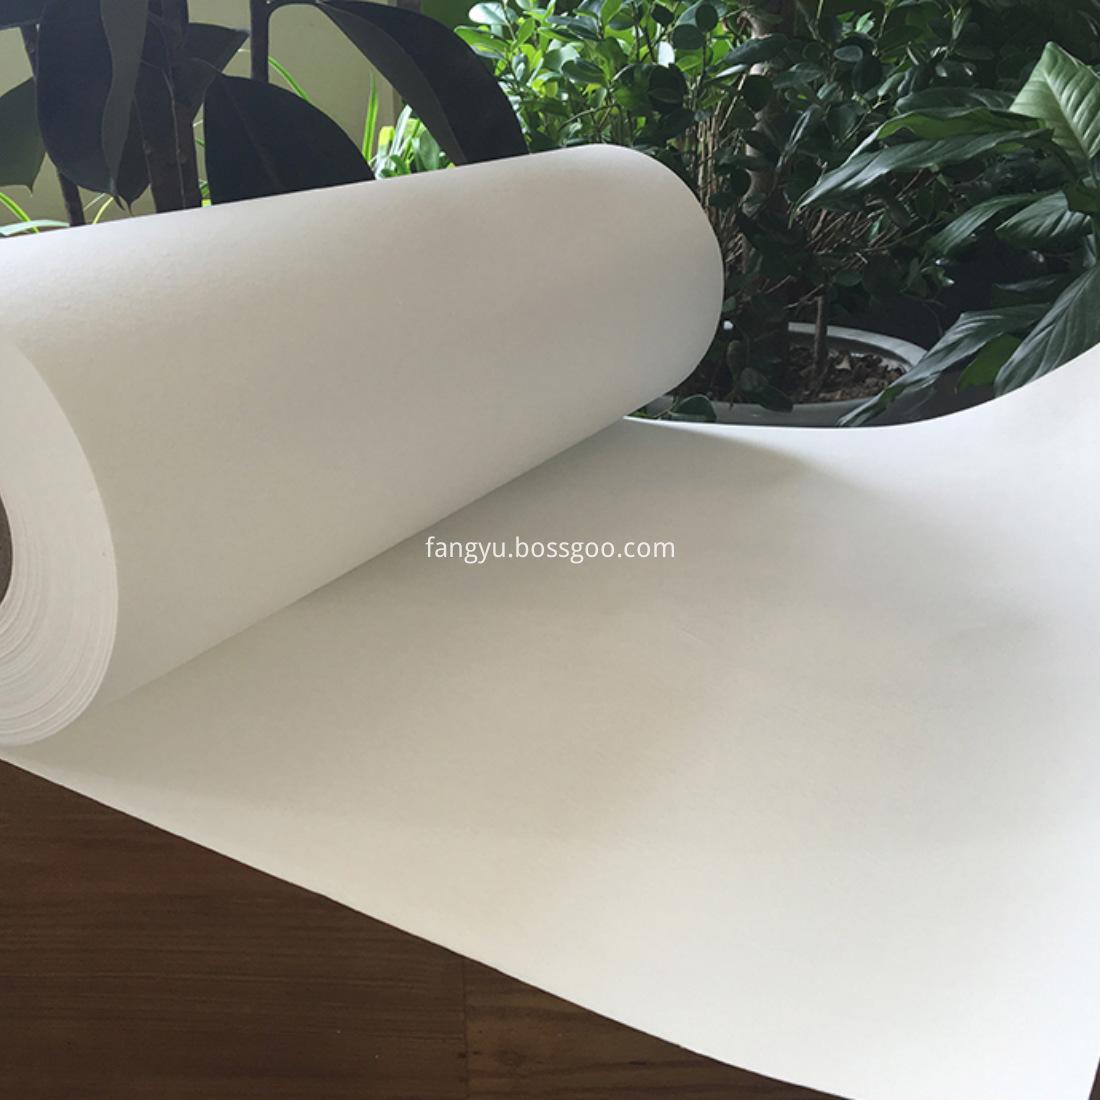 fiberglass liquid filter paper